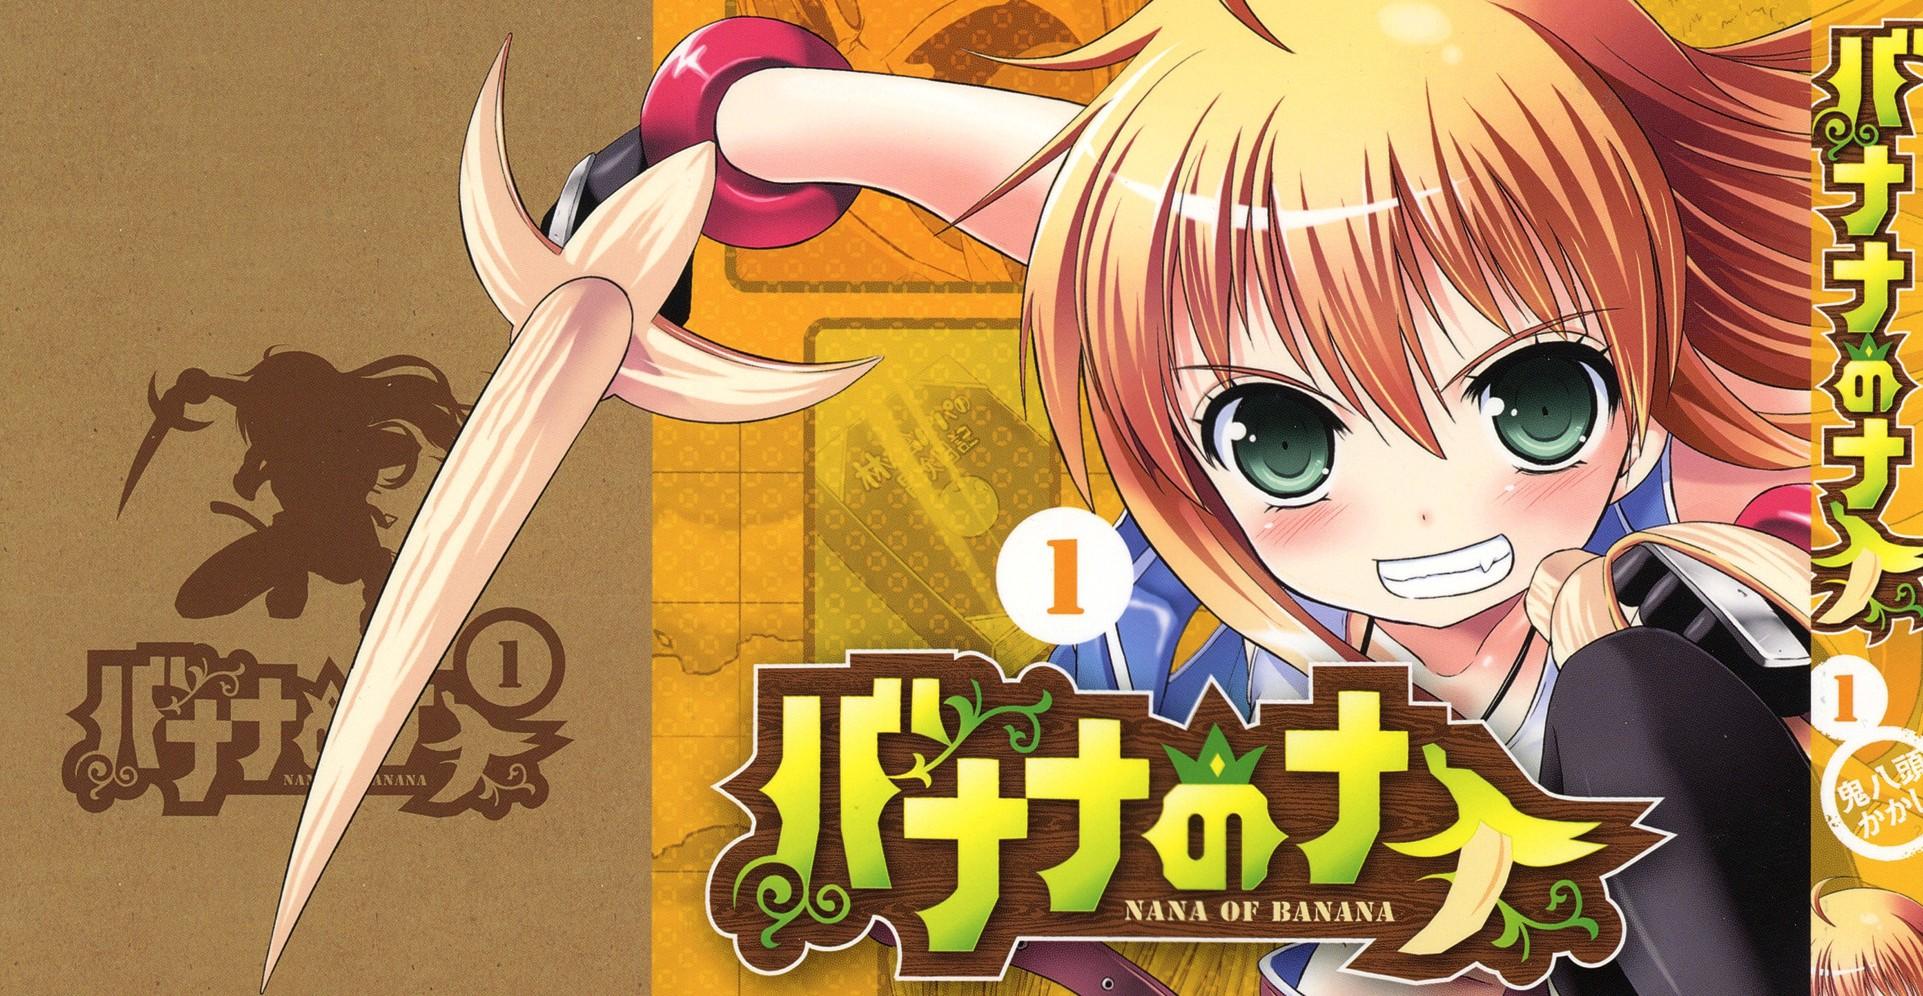 Kết quả hình ảnh cho Banana no Nana anime